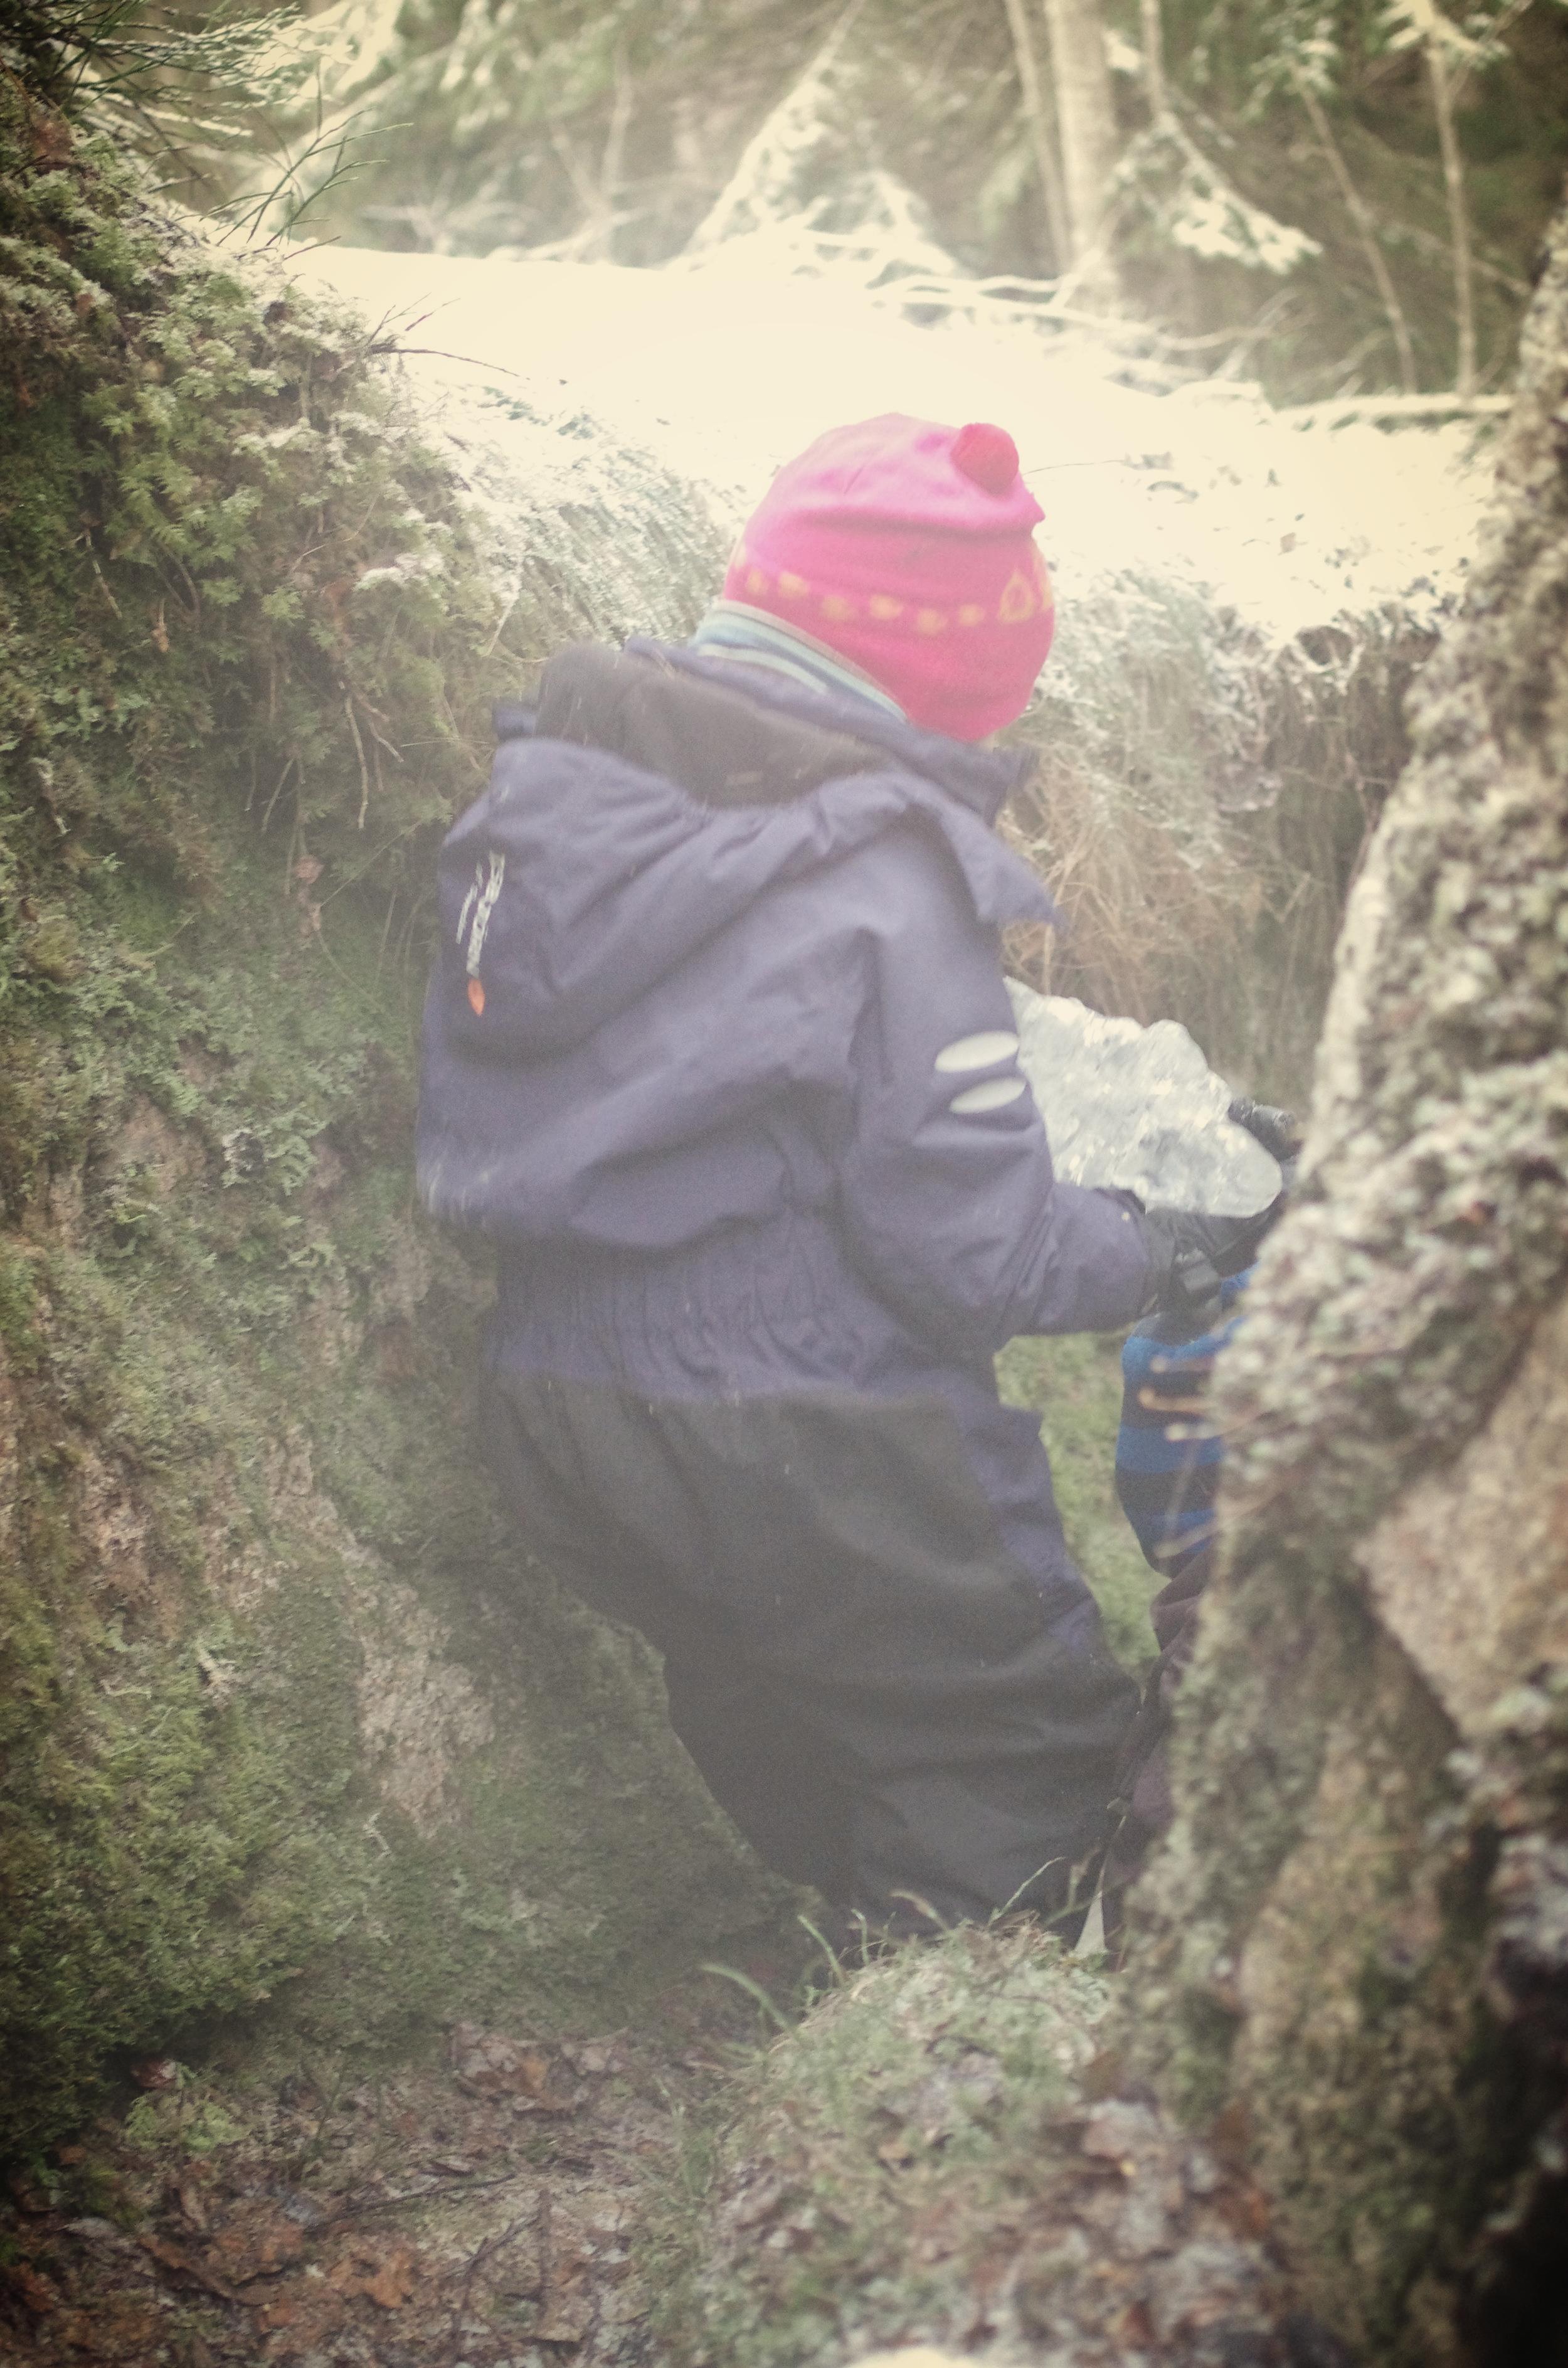 Spennende rom å utforske blandt de store steinene vis-a-vi rasteplassen.